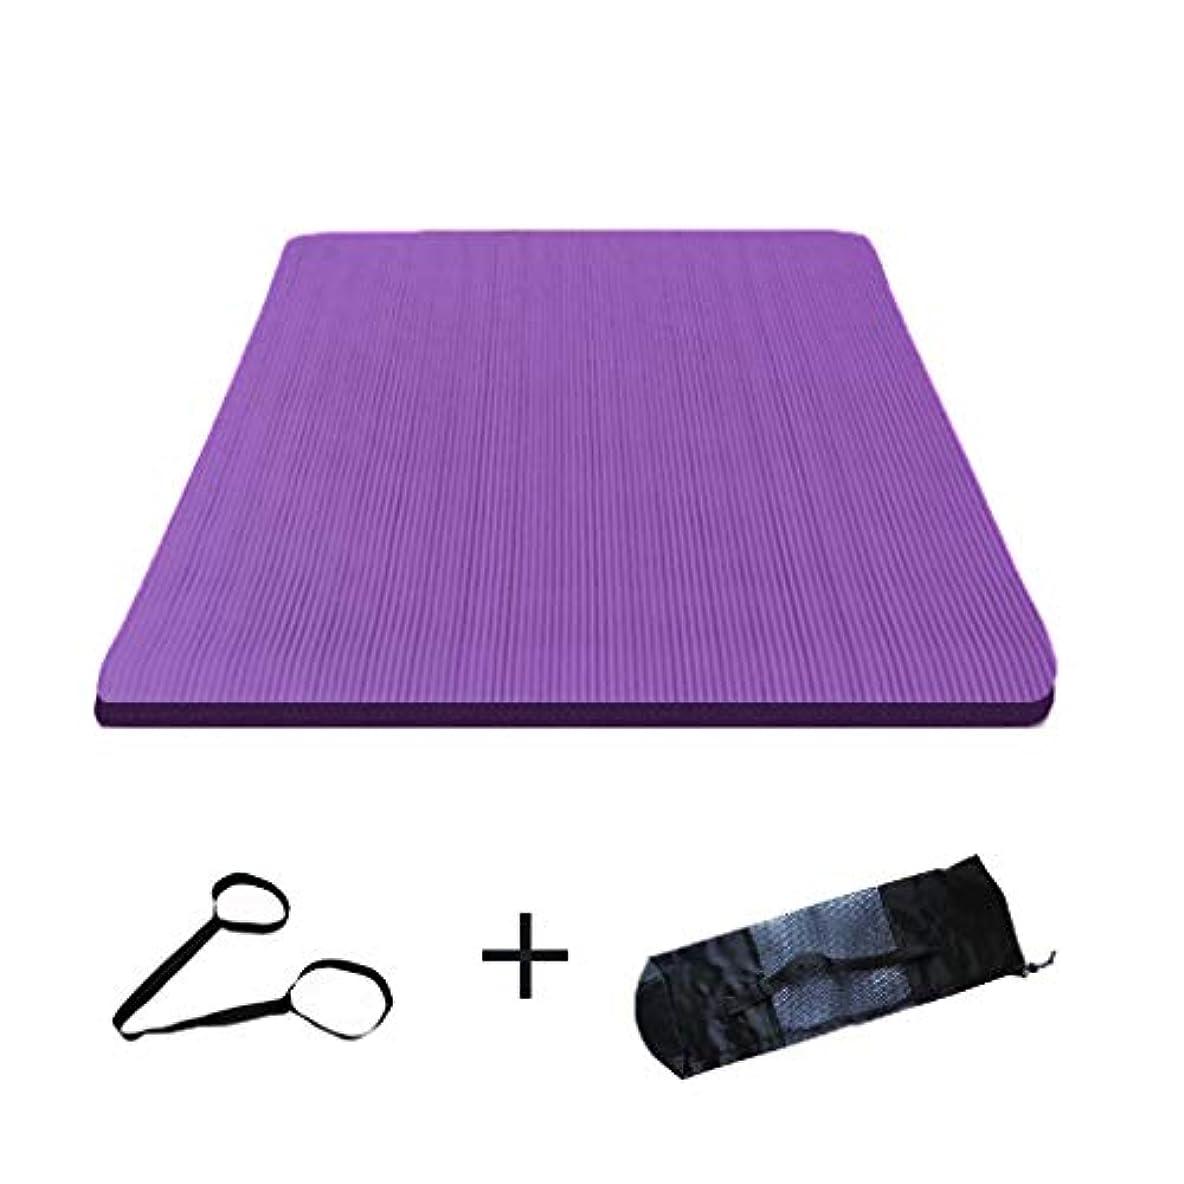 かろうじて集まる話す寝袋アウトドアアウトドアブッシュスリーシーズンキャンプ ダブルヨガマット特大広め滑り止めフィットネス毛布キャンプに適して男性と女性200 * 160センチメートル で利用できる単一の二重色 (サイズ さいず : 紫の-15mm, サイズ さいず : With bag style)